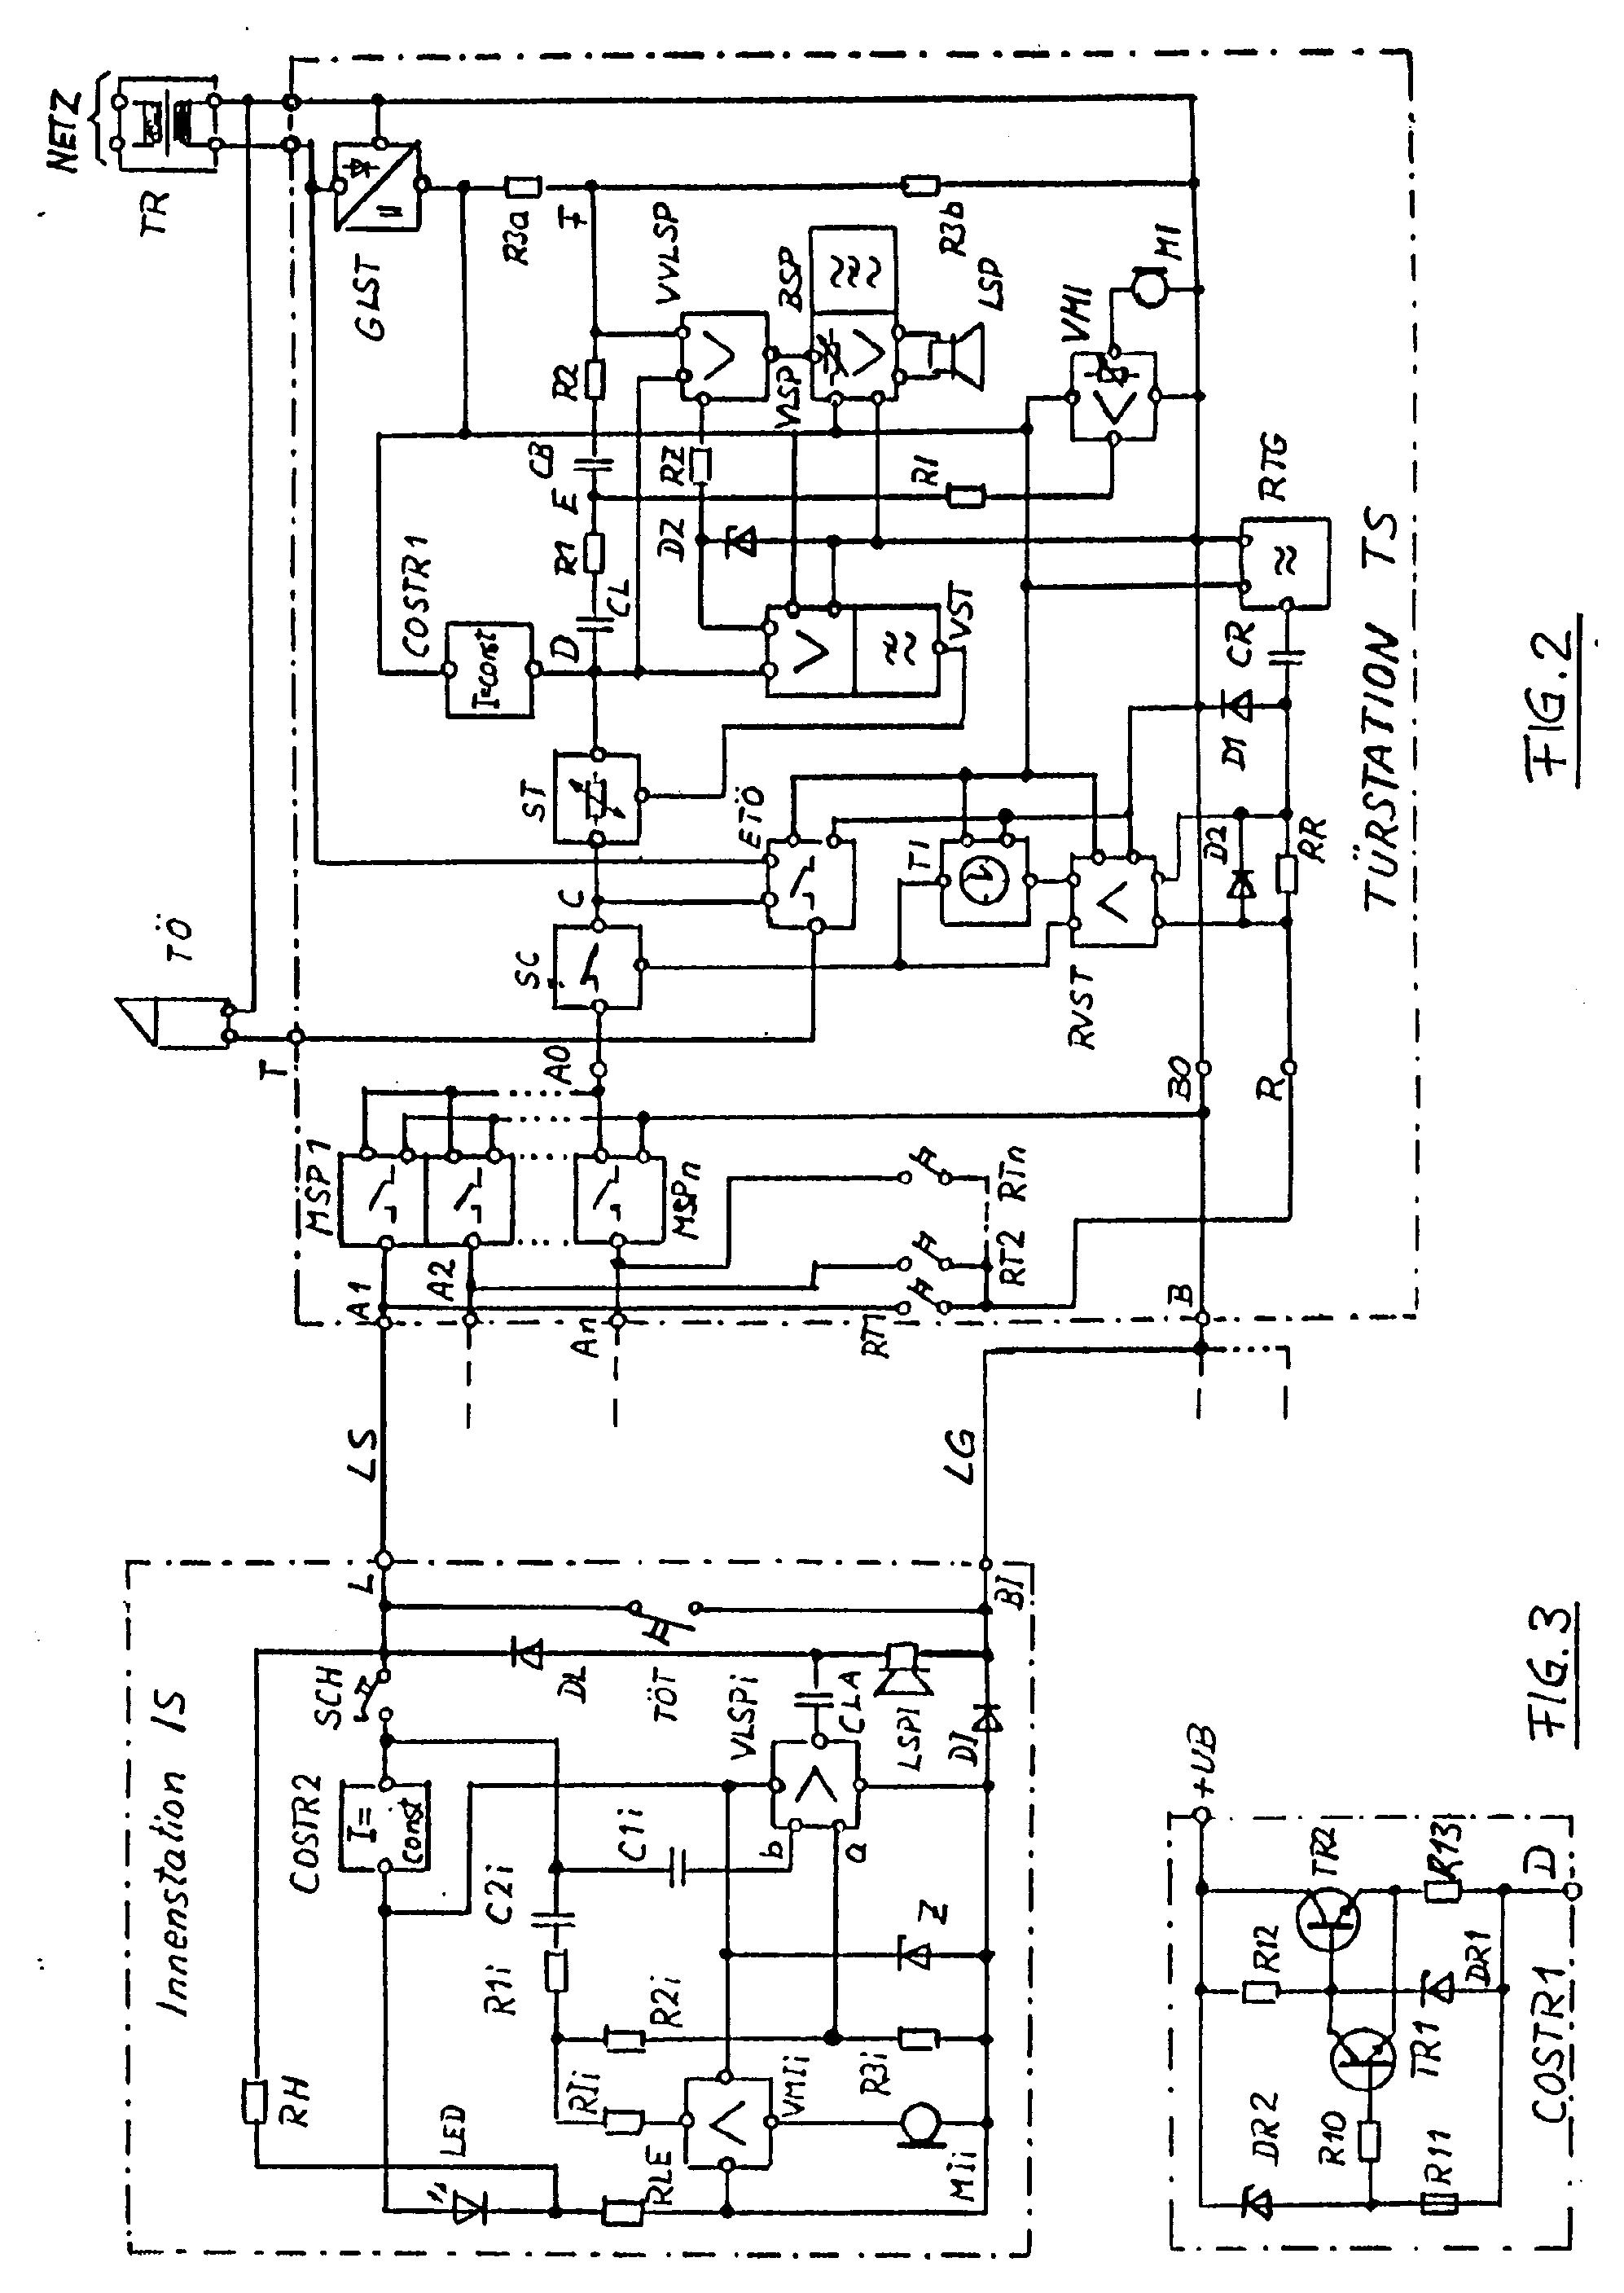 Tolle 4 Draht Anschlussdiagramm Galerie - Elektrische Schaltplan ...